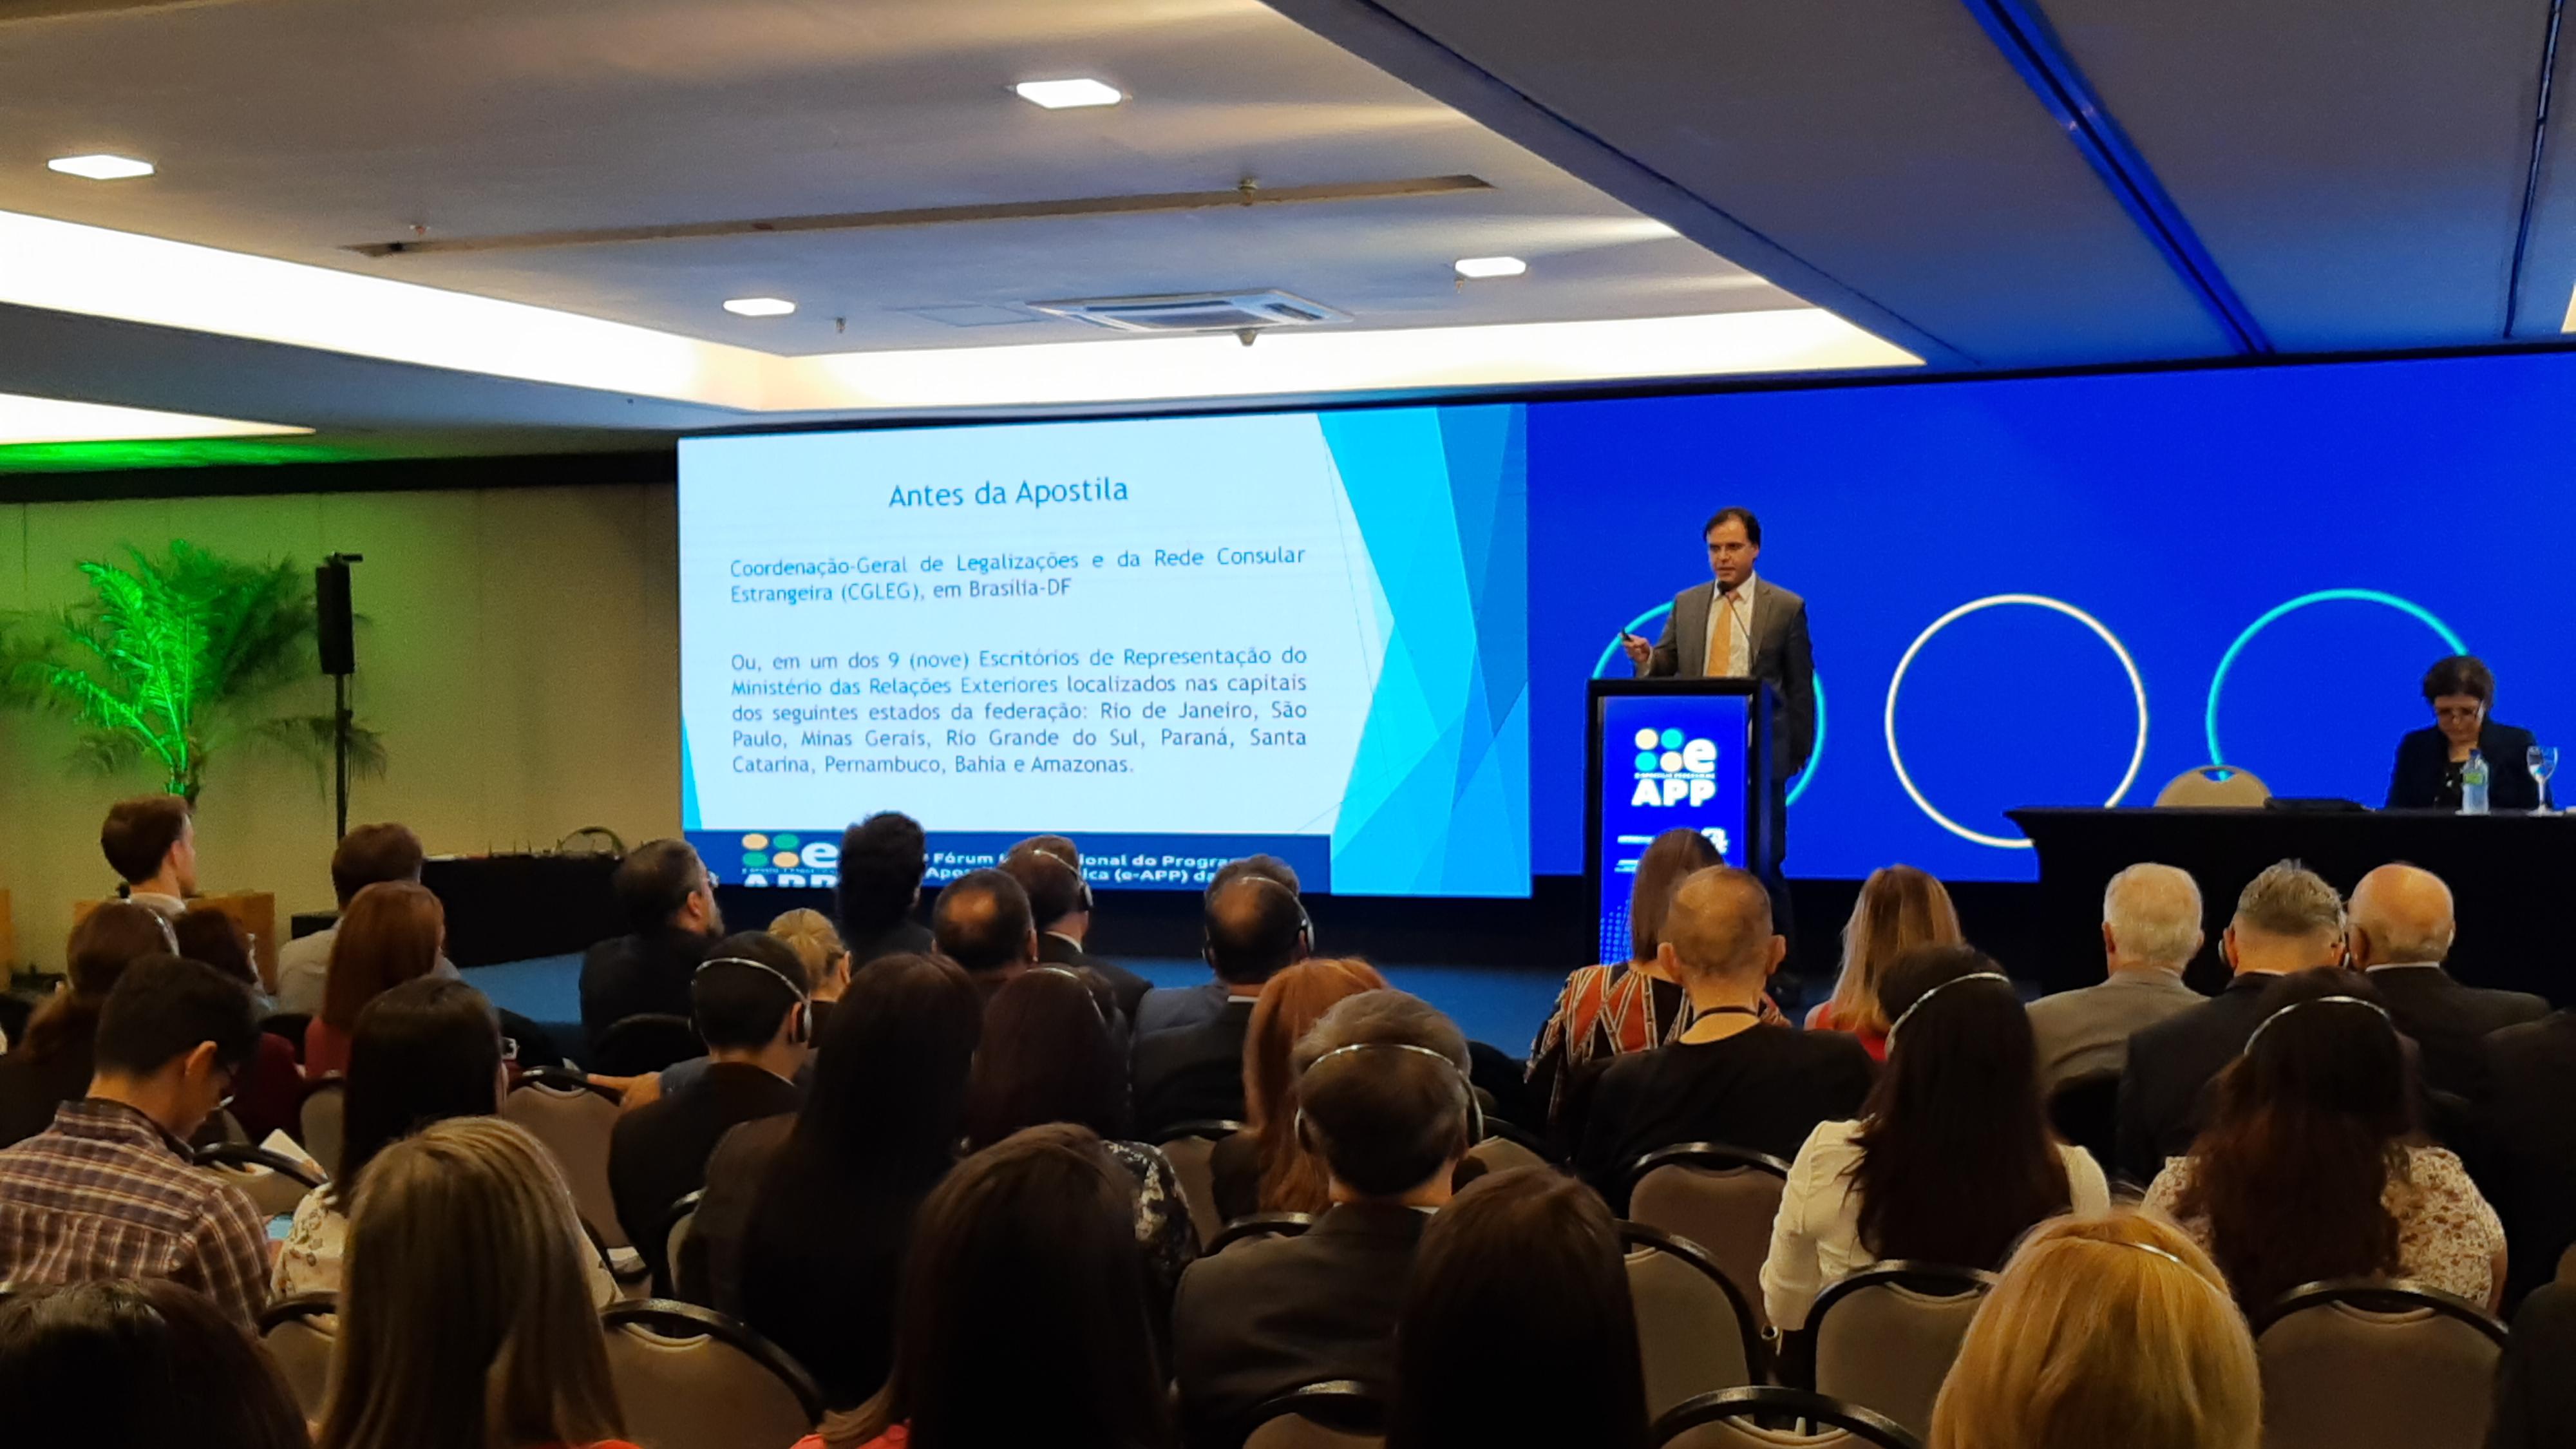 Nova plataforma de apostilamento do Brasil permite acesso com certificado digital e-notariado